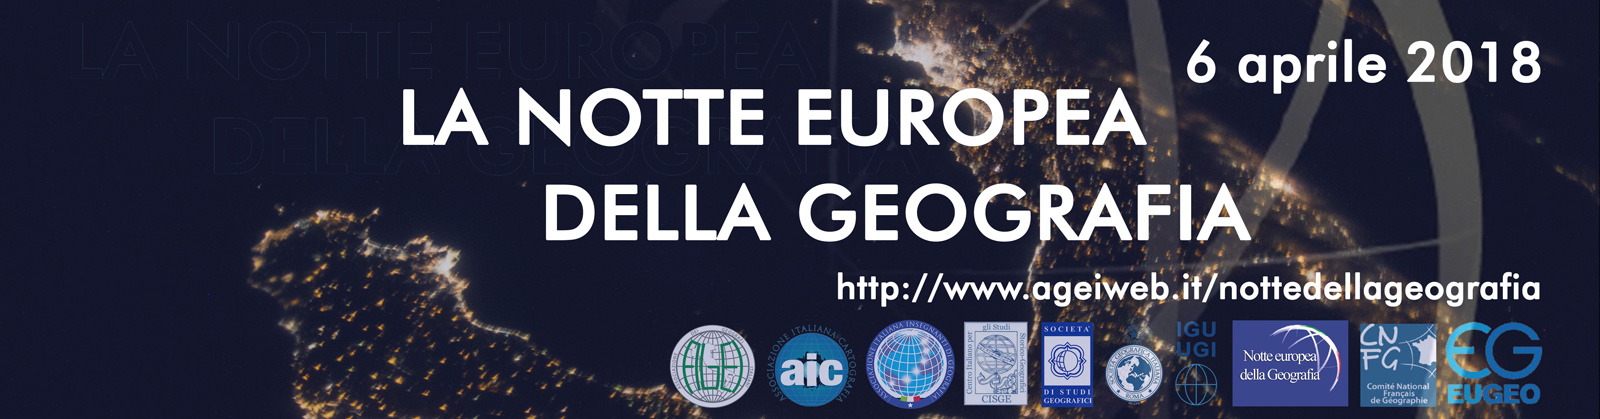 La-notte-della-geografia_banner_ufficiale4